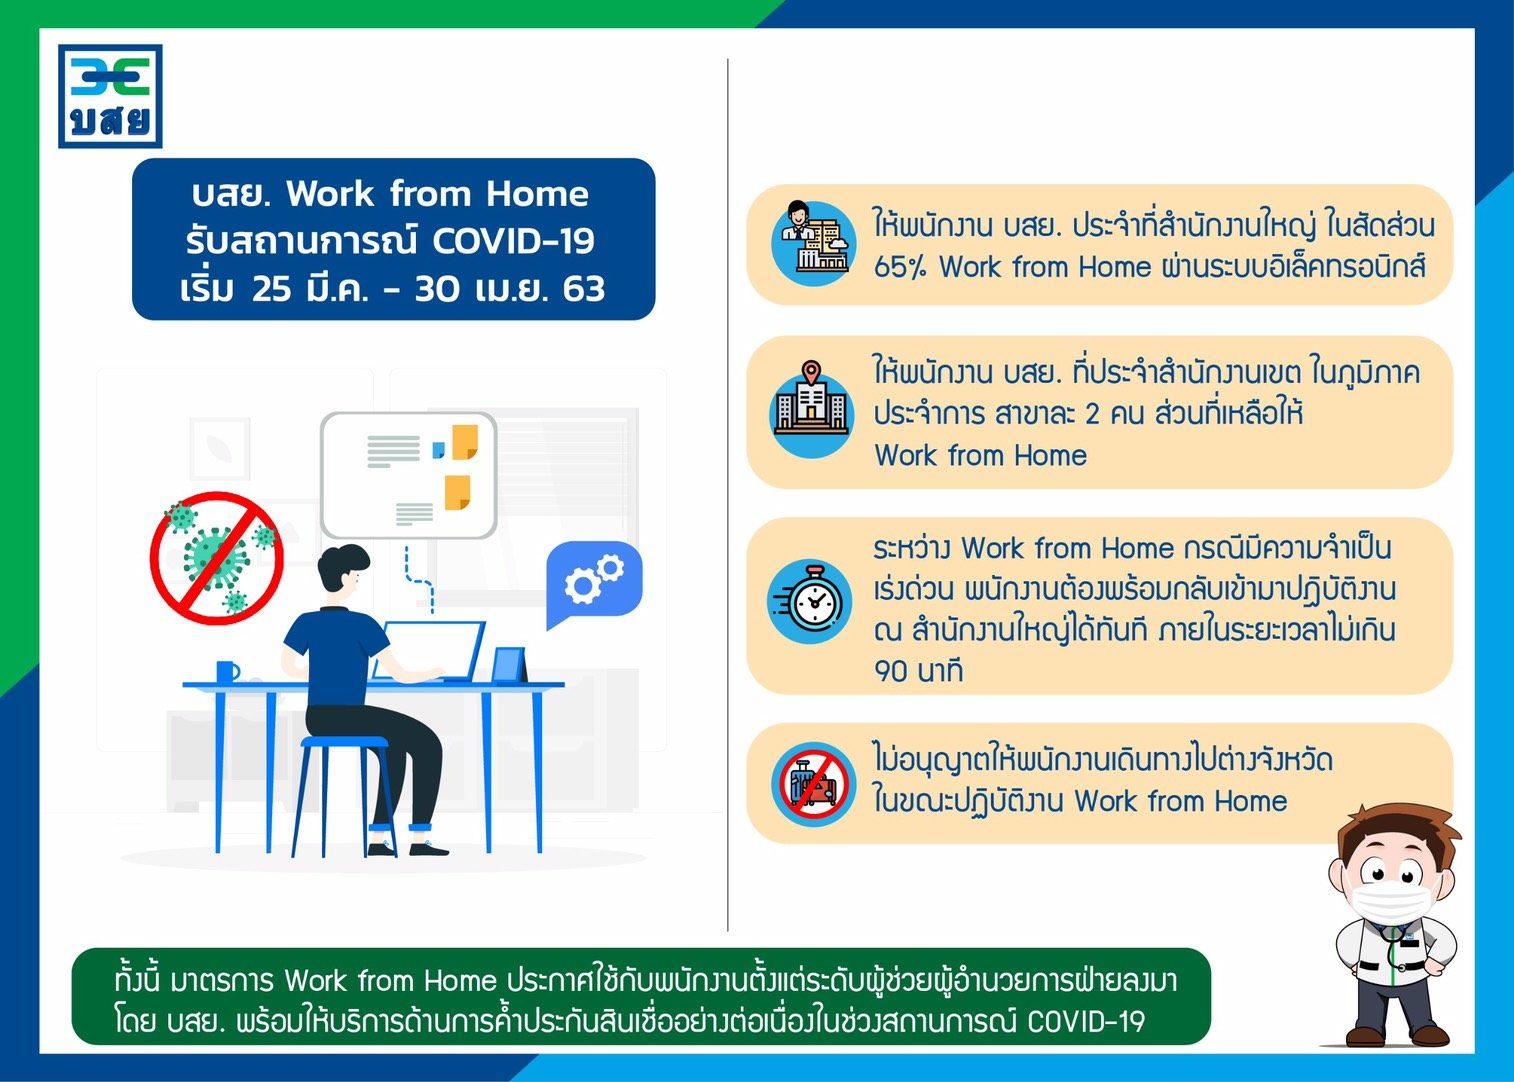 บสย.เริ่มใช้มาตรการ Work from Home รับCOVID-19